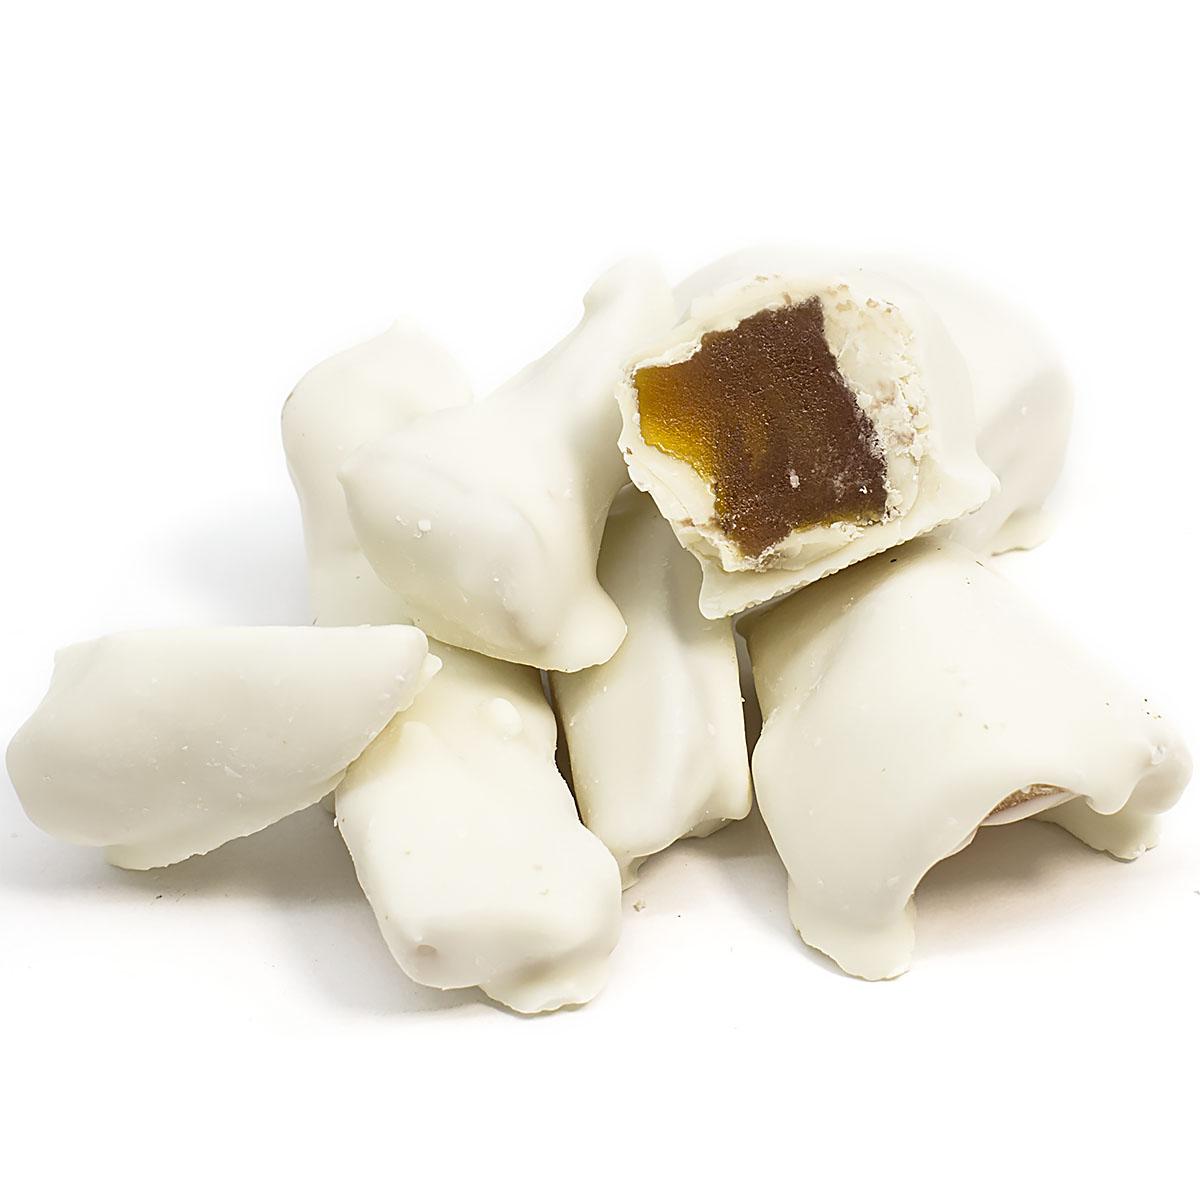 купить Канталуп в белой шоколадной глазури, 150 г онлайн